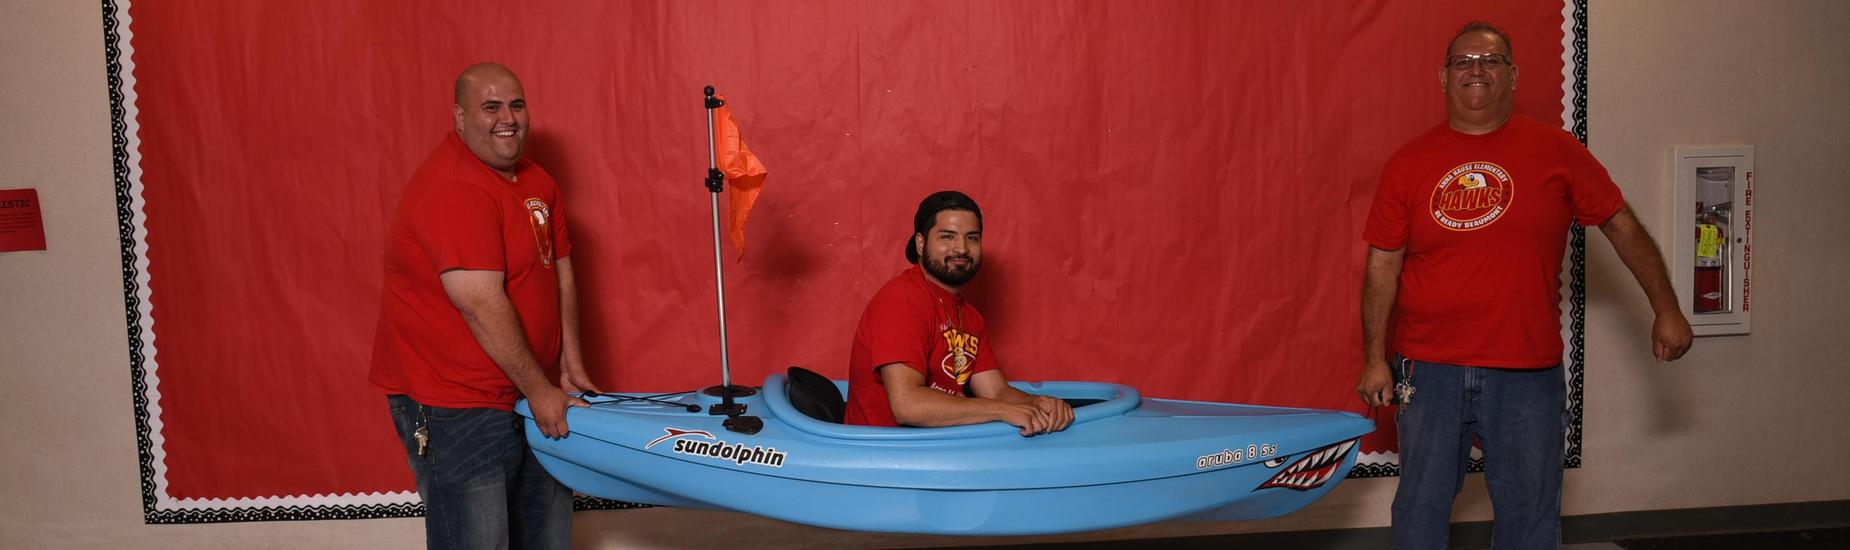 mind in boat